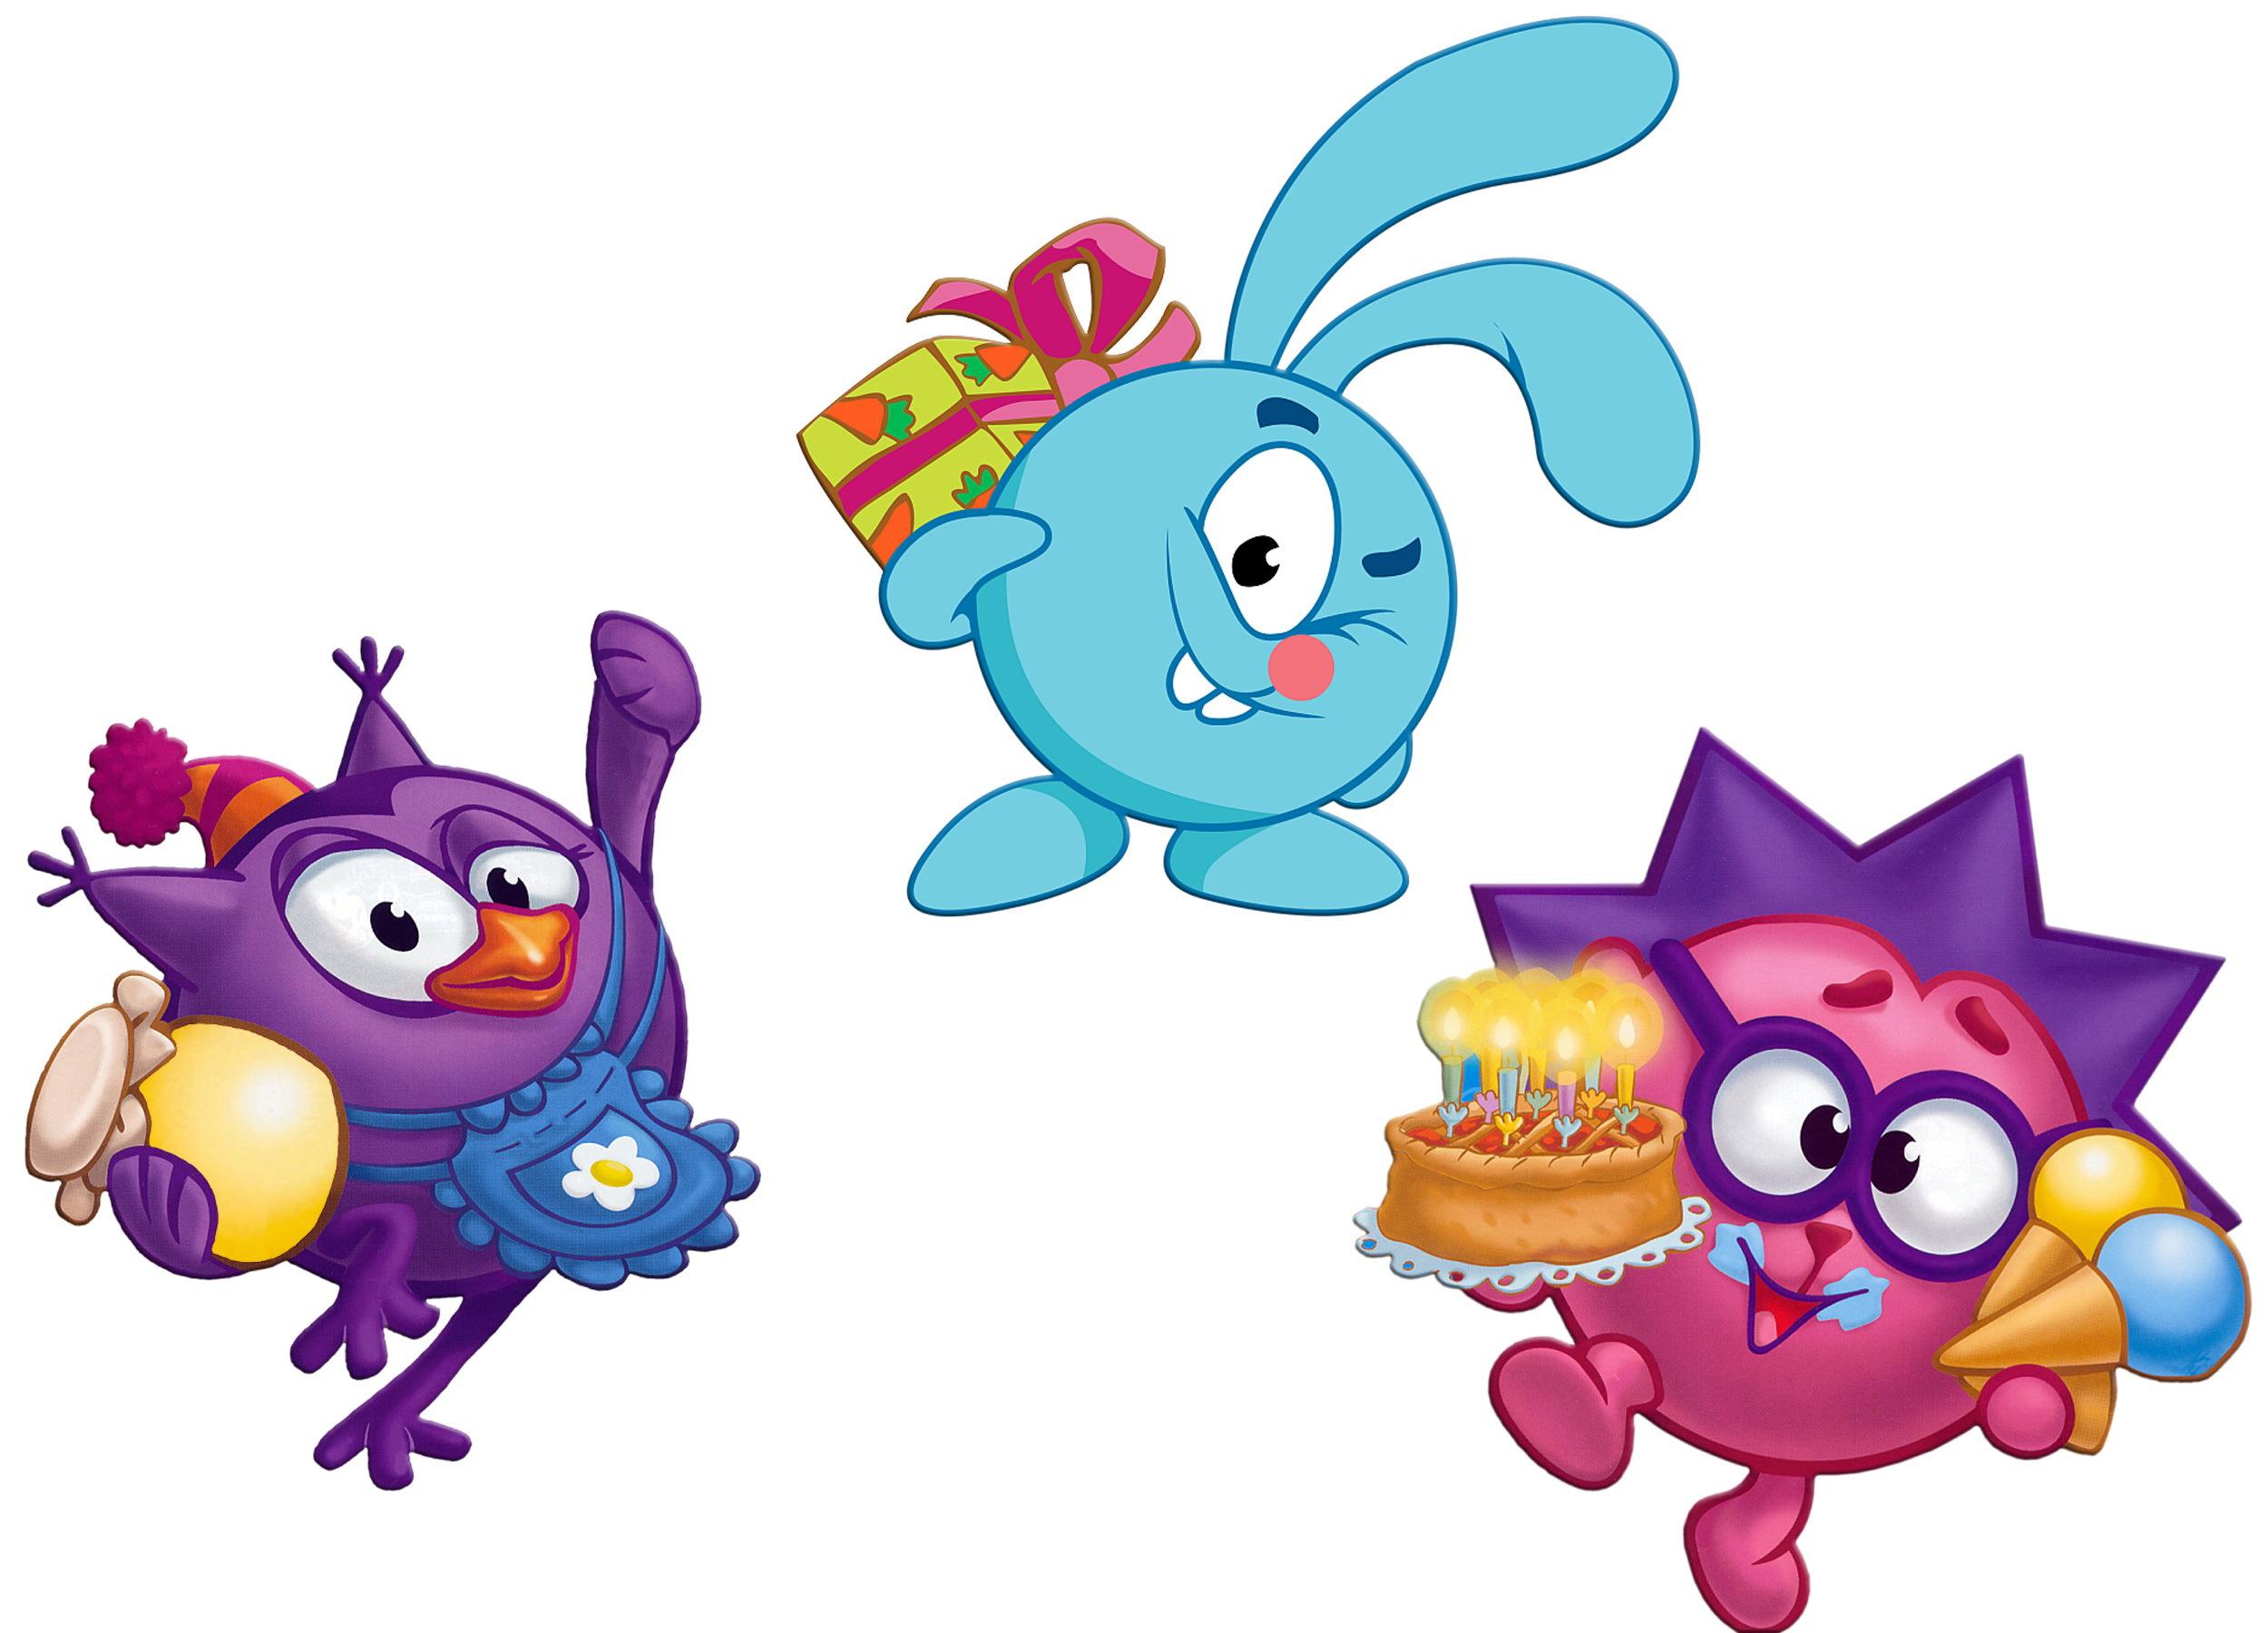 Поздравление с днем рождения на английском языке - Lim English 2